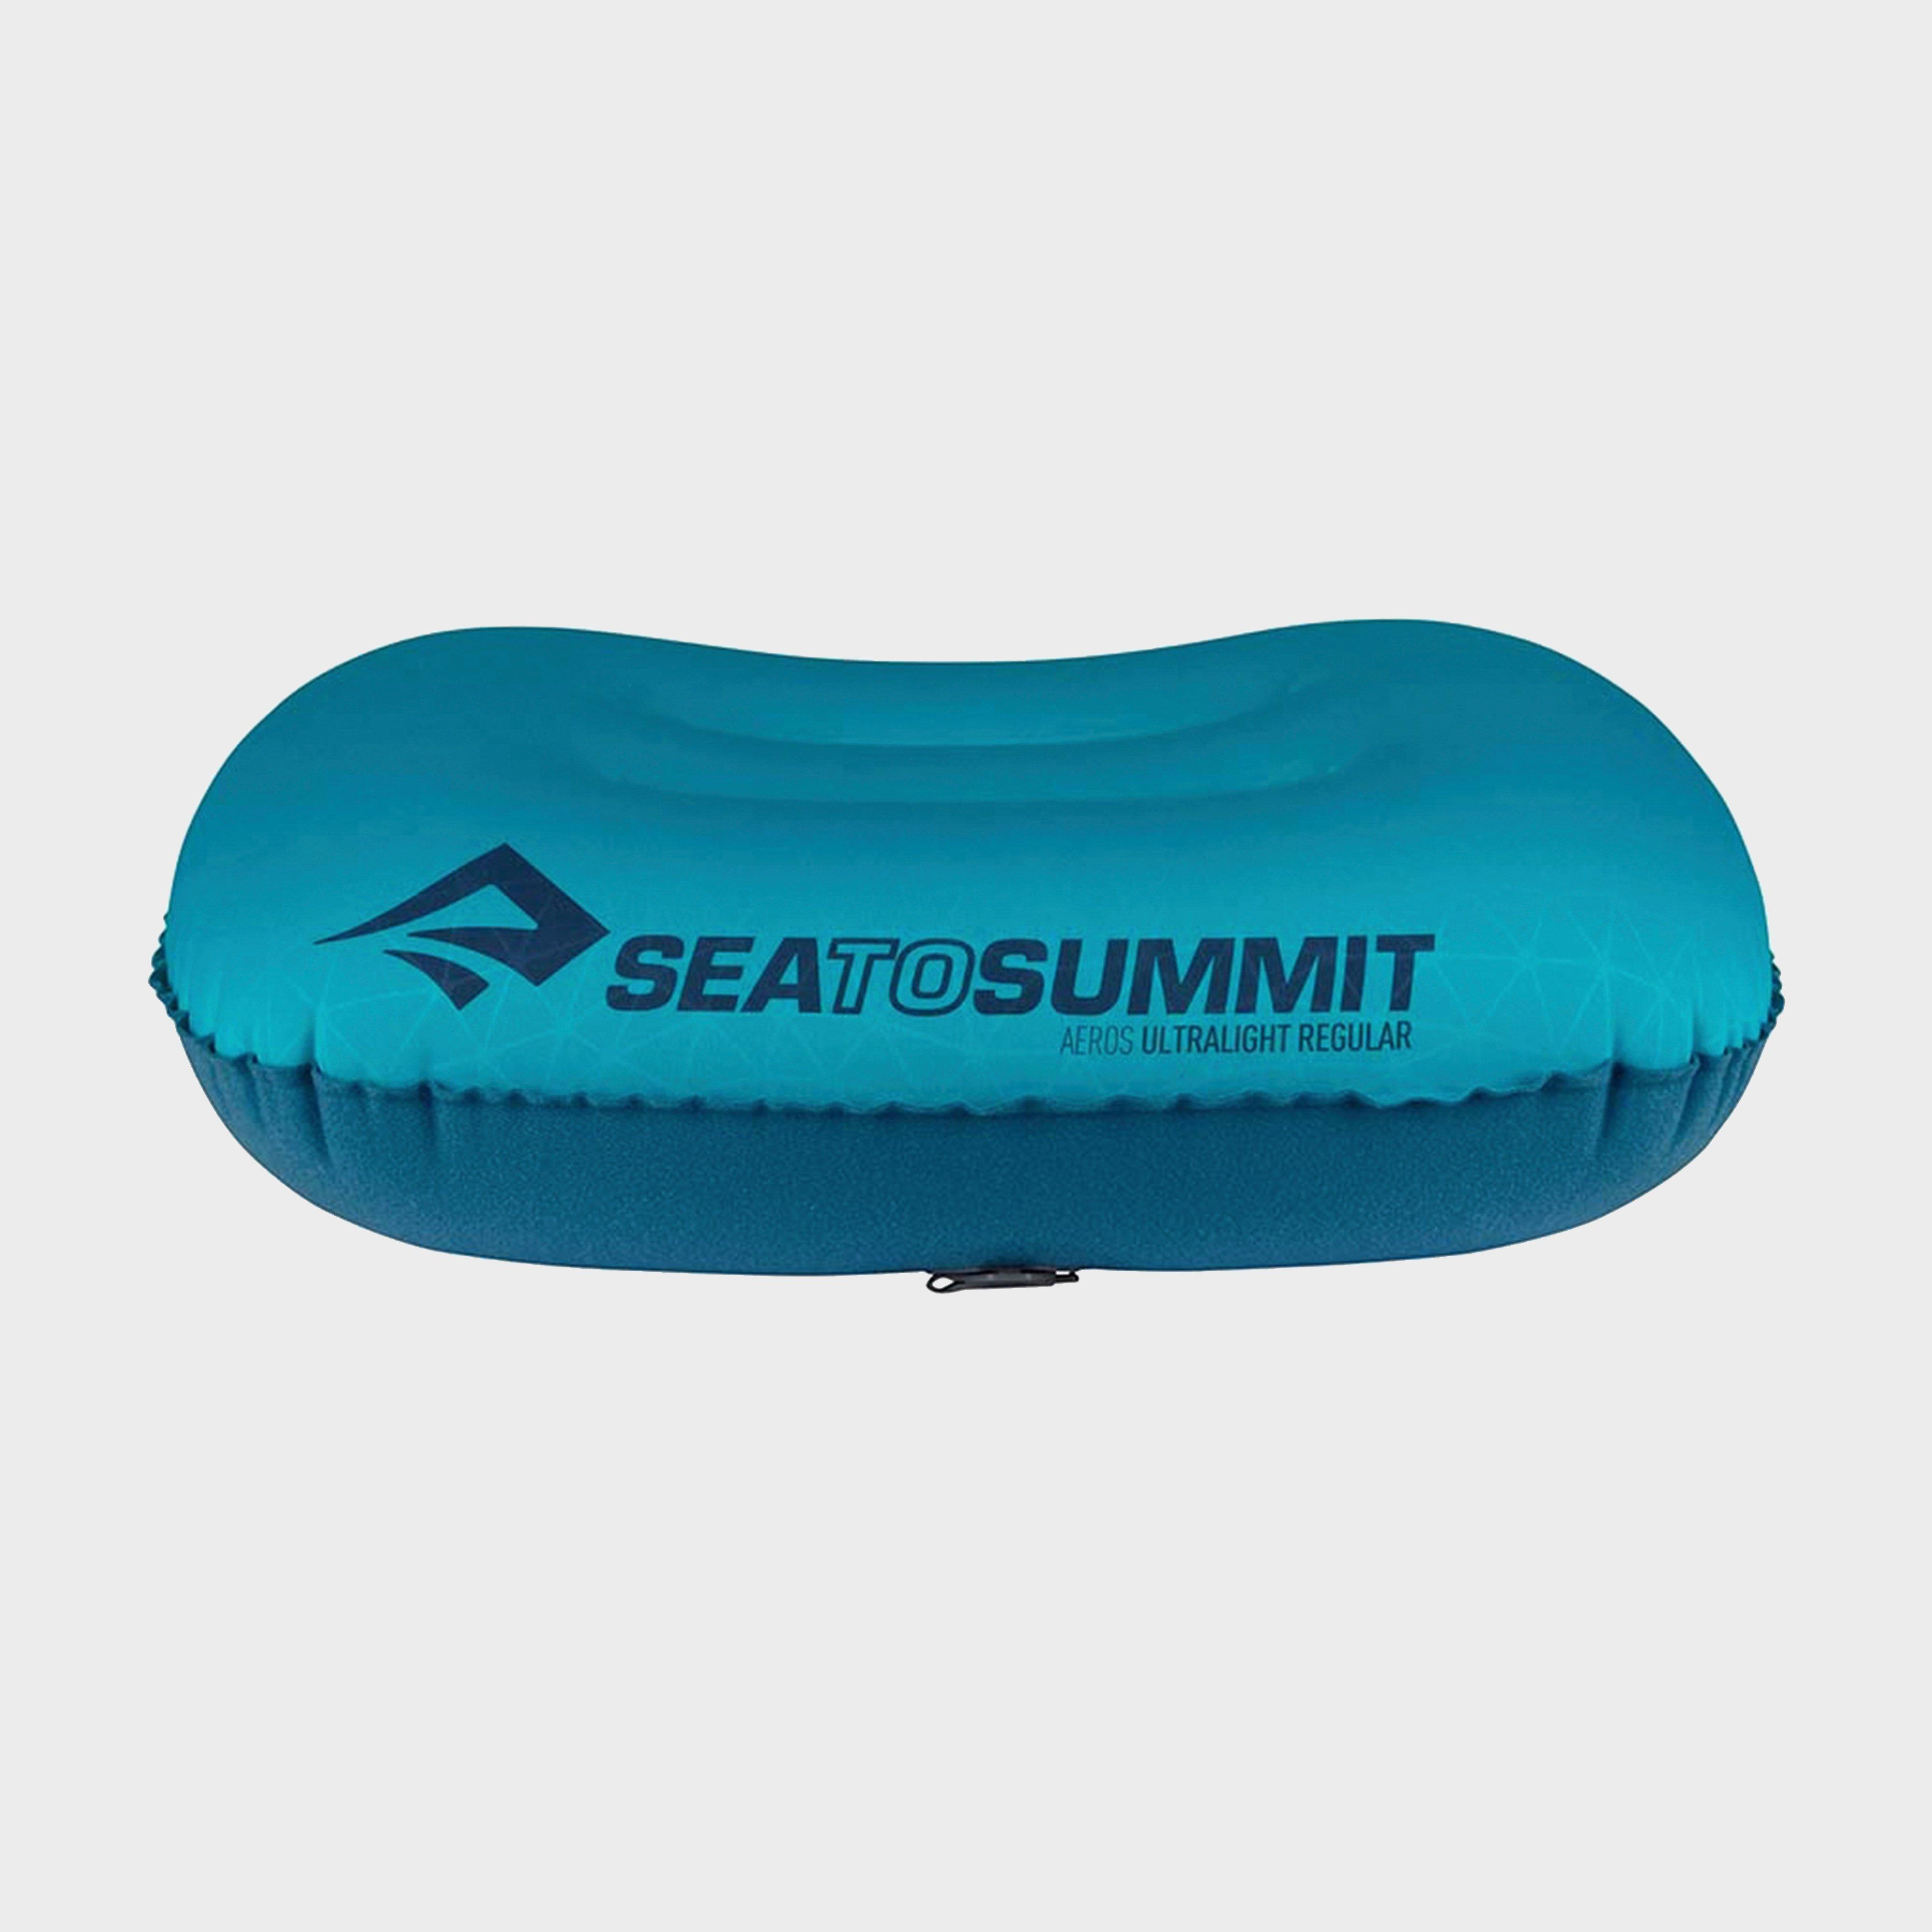 Sea to Summit Sea To Summit Aeros Ultralight Pillow (Large)